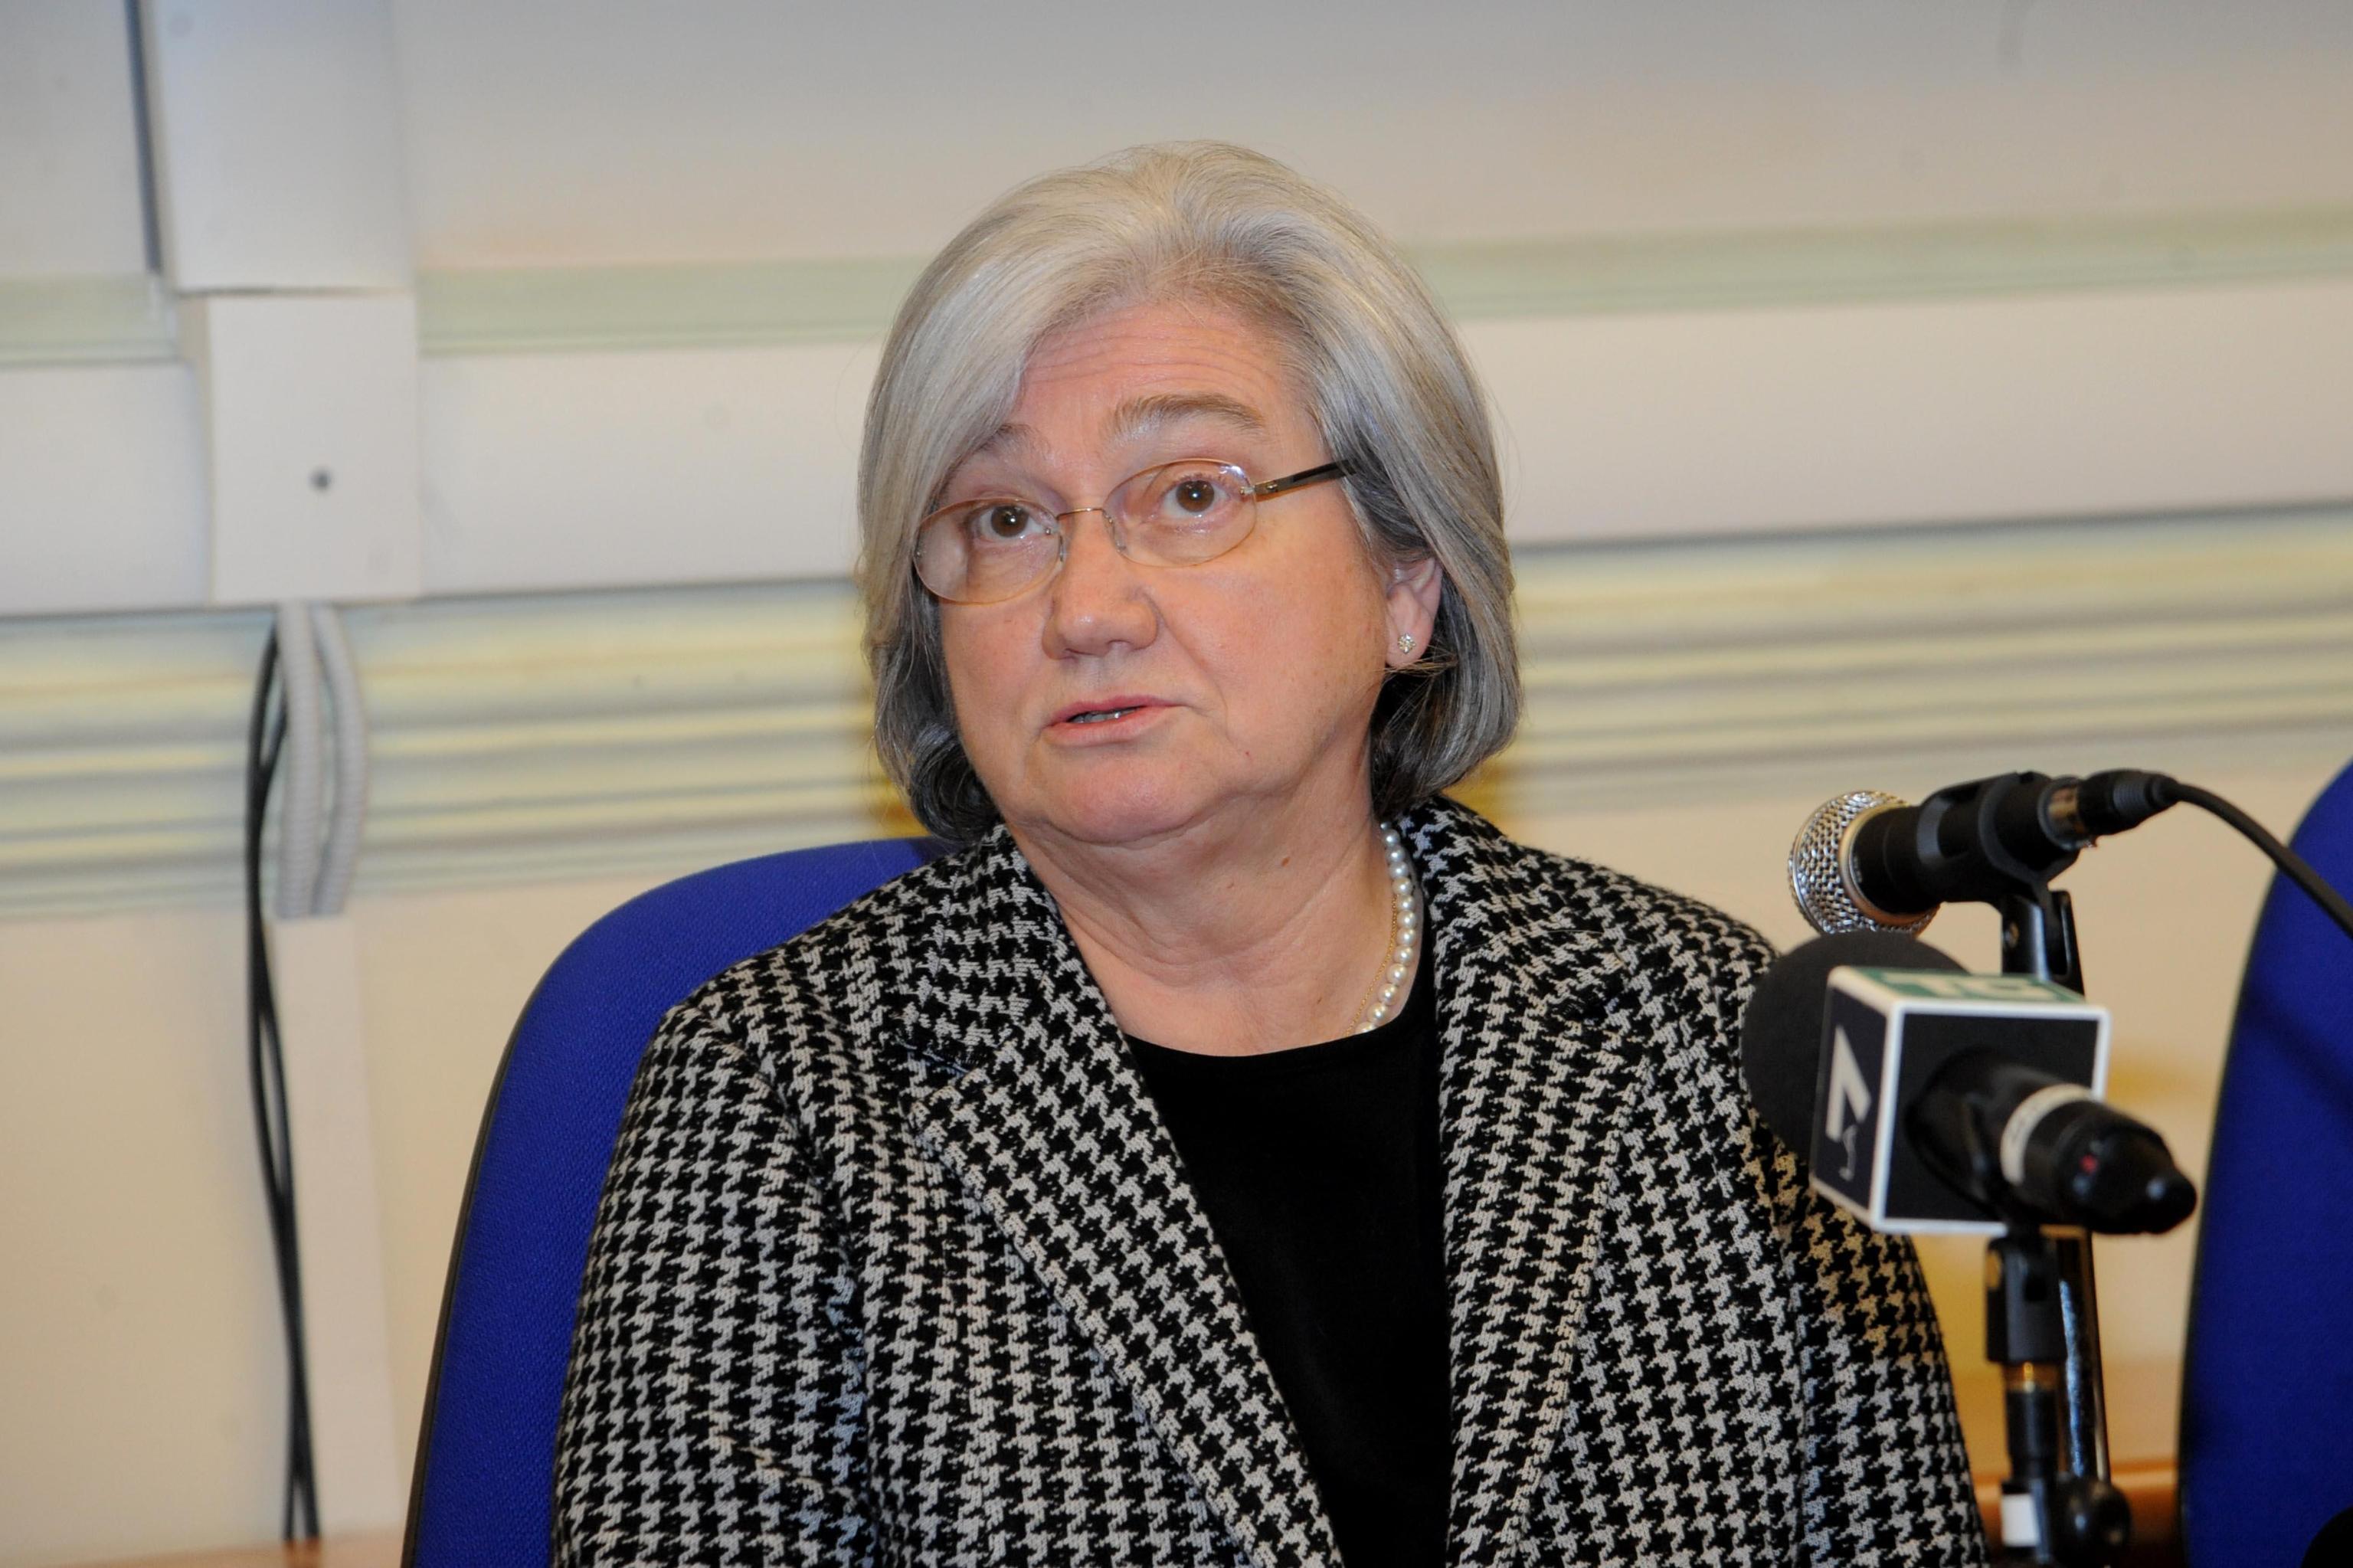 Sicilia, slitta al 13 la missione Antimafia a Palermo sull'esame delle liste